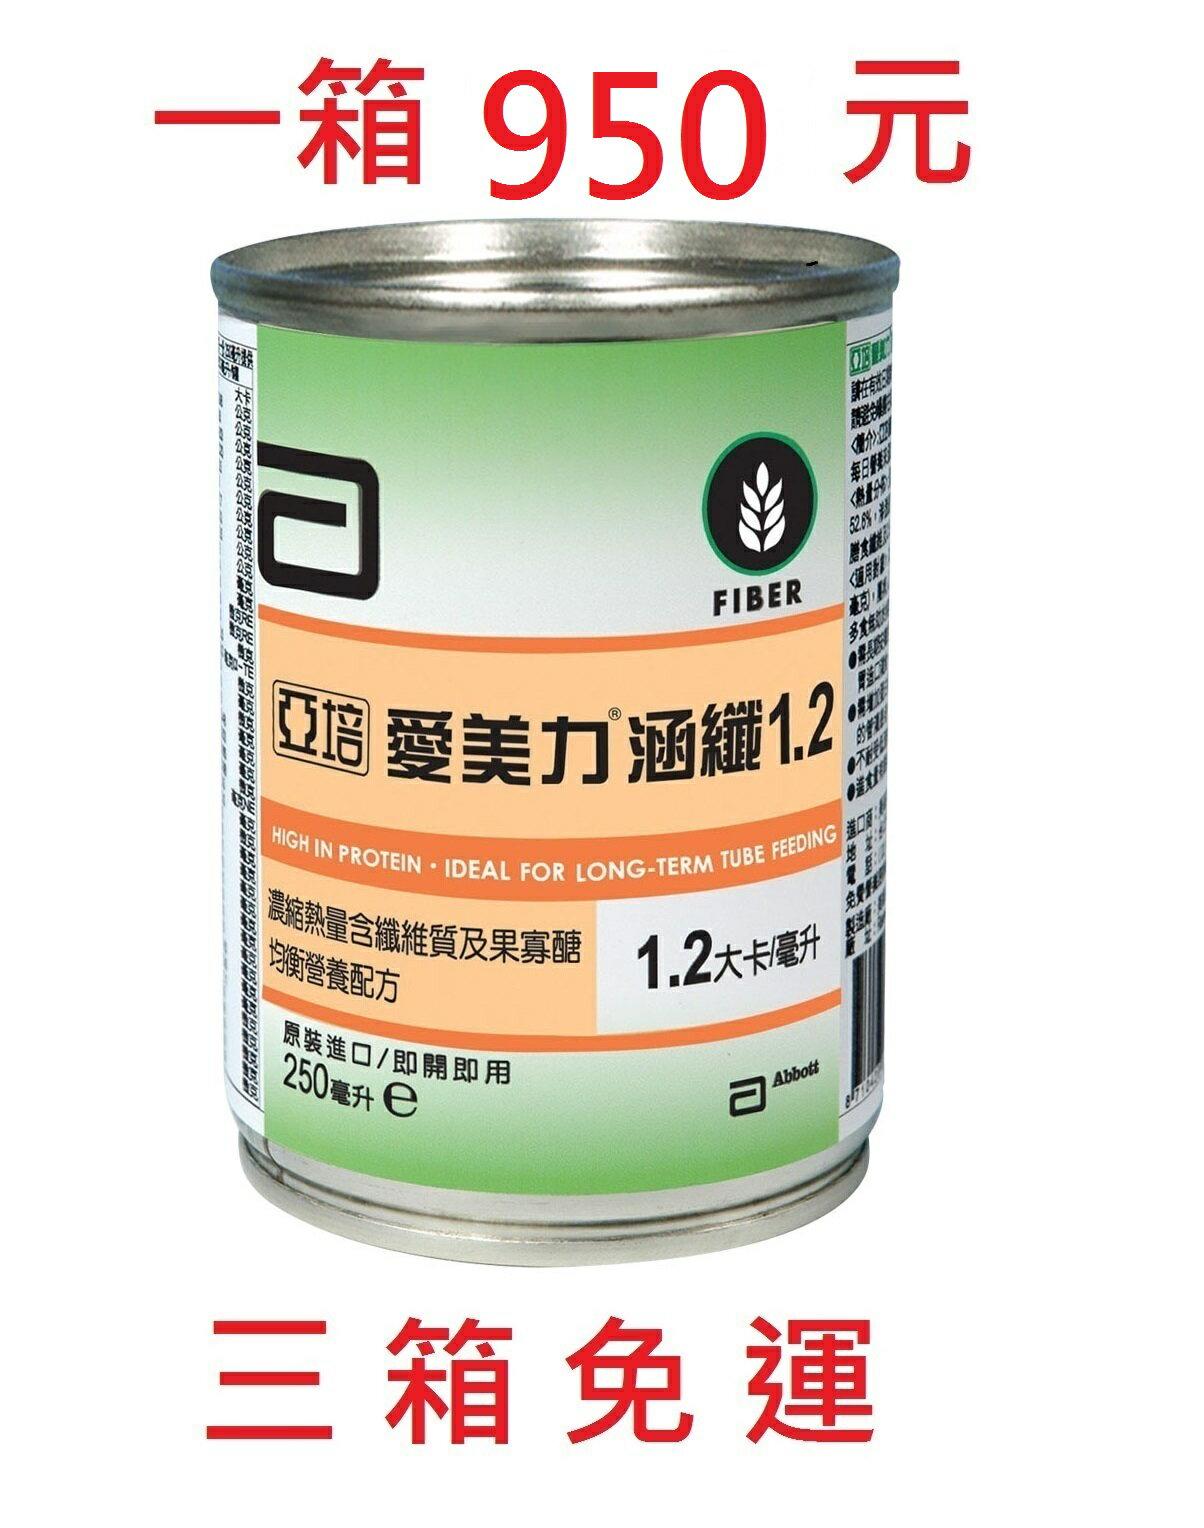 亞培愛美力涵纖1.2 重量:250ml 一箱24瓶,三箱免運 保健食品 保健飲品